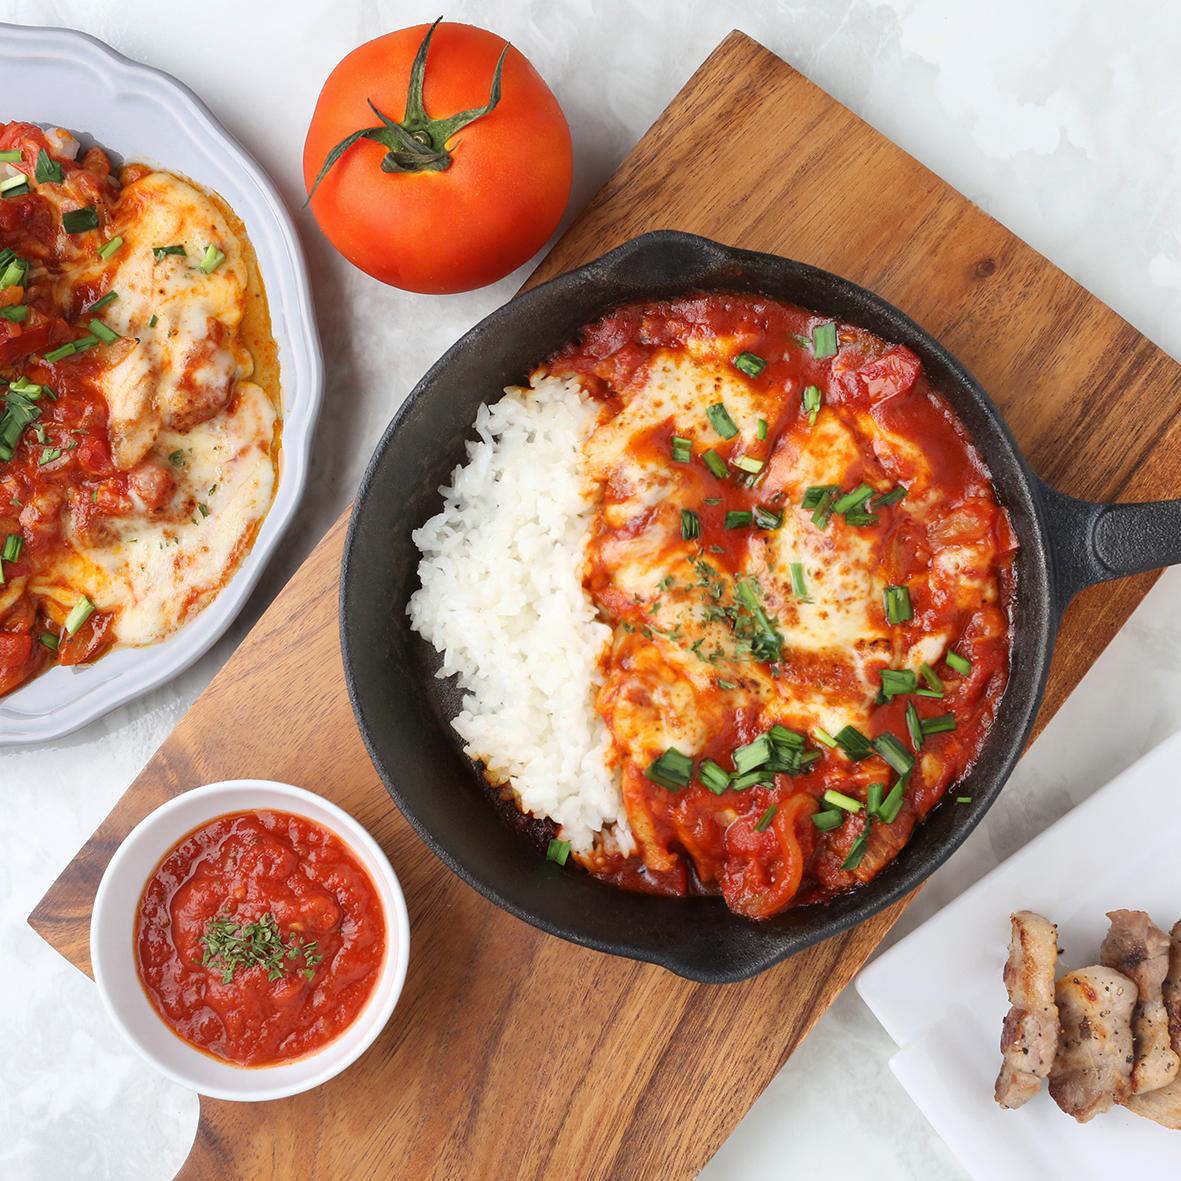 토마토 칠리 치즈 제육덮밥